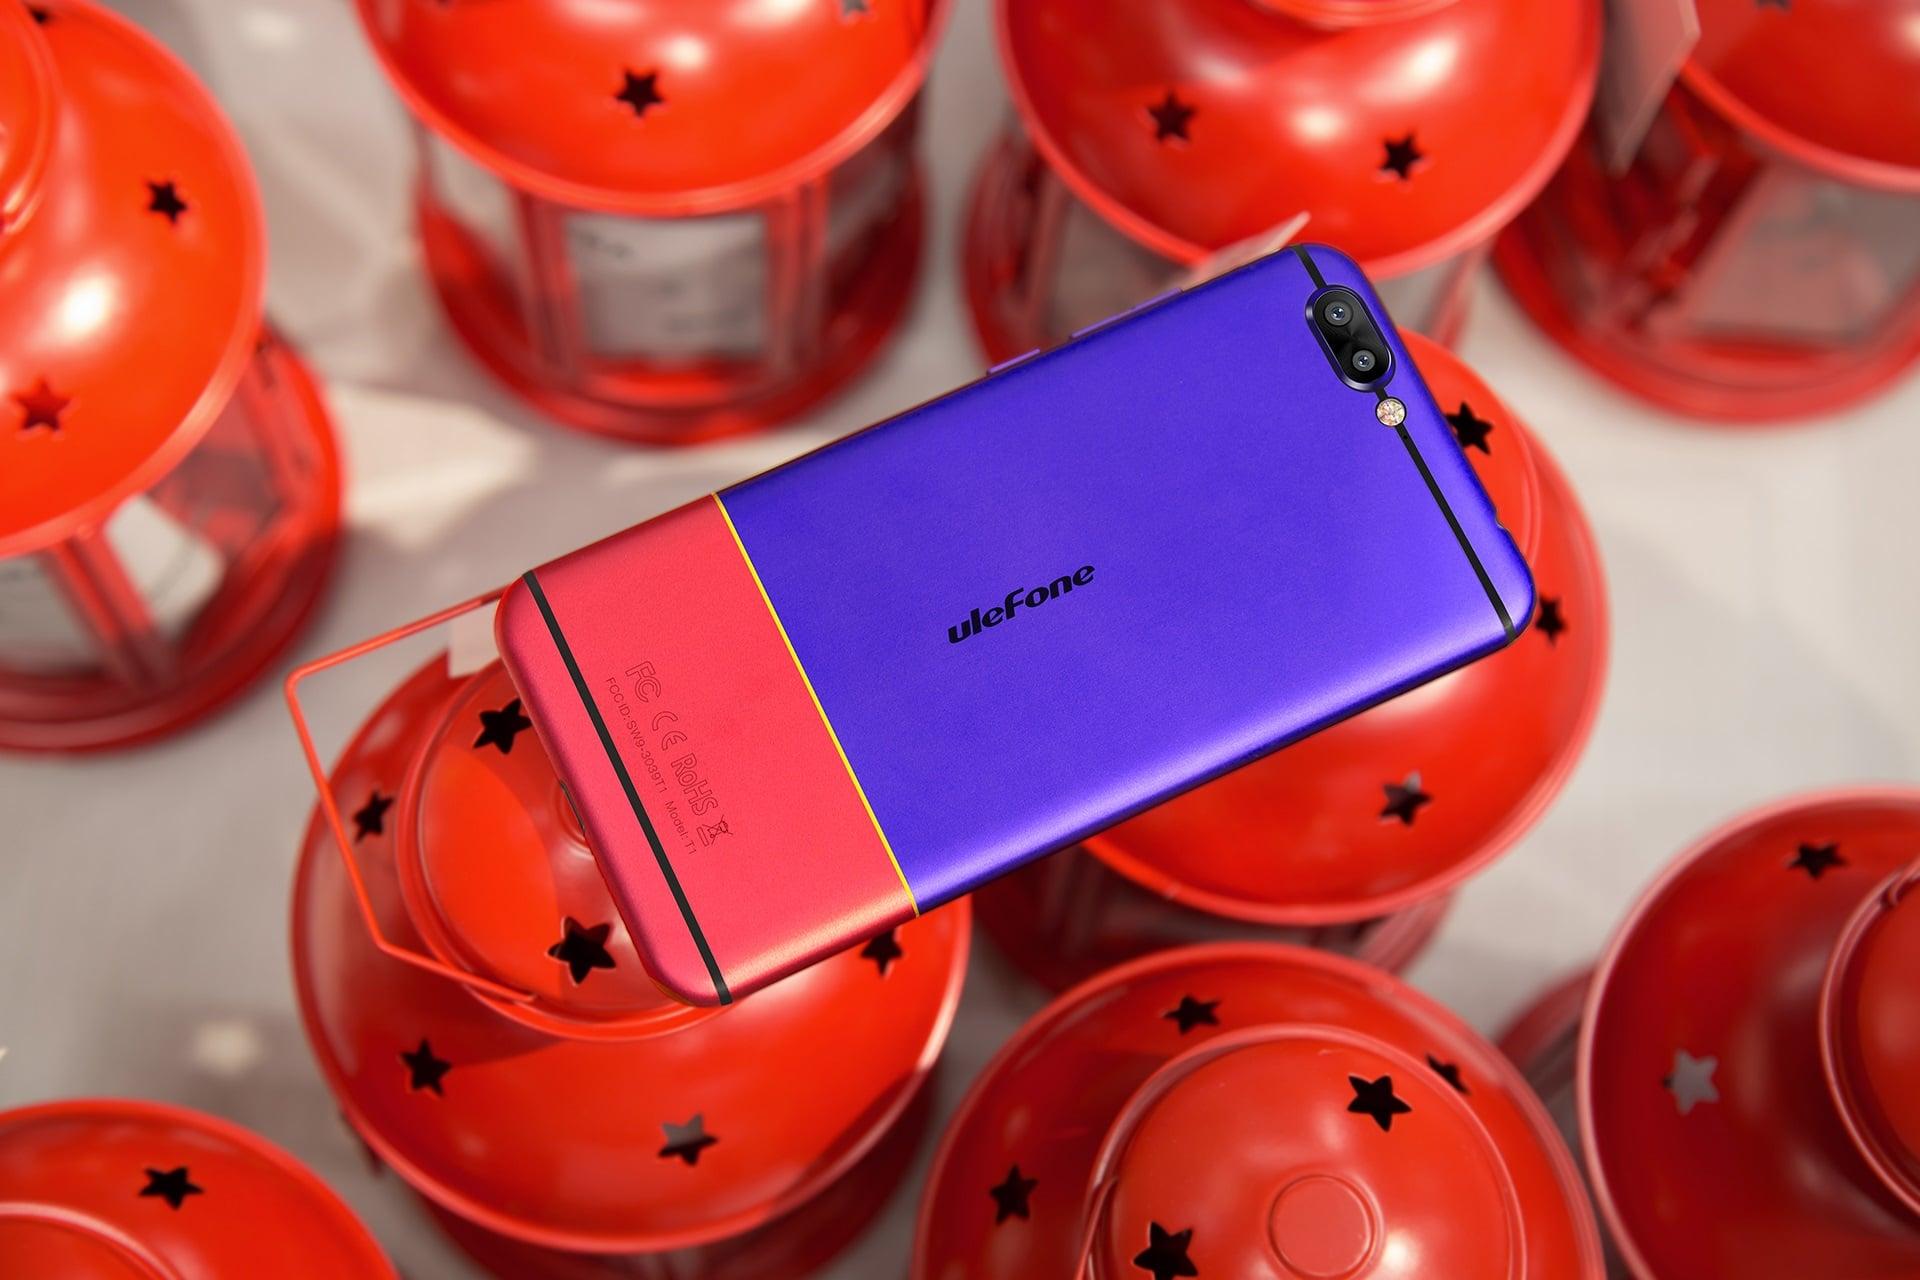 Tabletowo.pl Ulefone T1 Premium Edition z 6 GB RAM i 128 GB pamięci wewnętrznej oficjalnie zaprezentowany Android Chińskie Nowości Smartfony